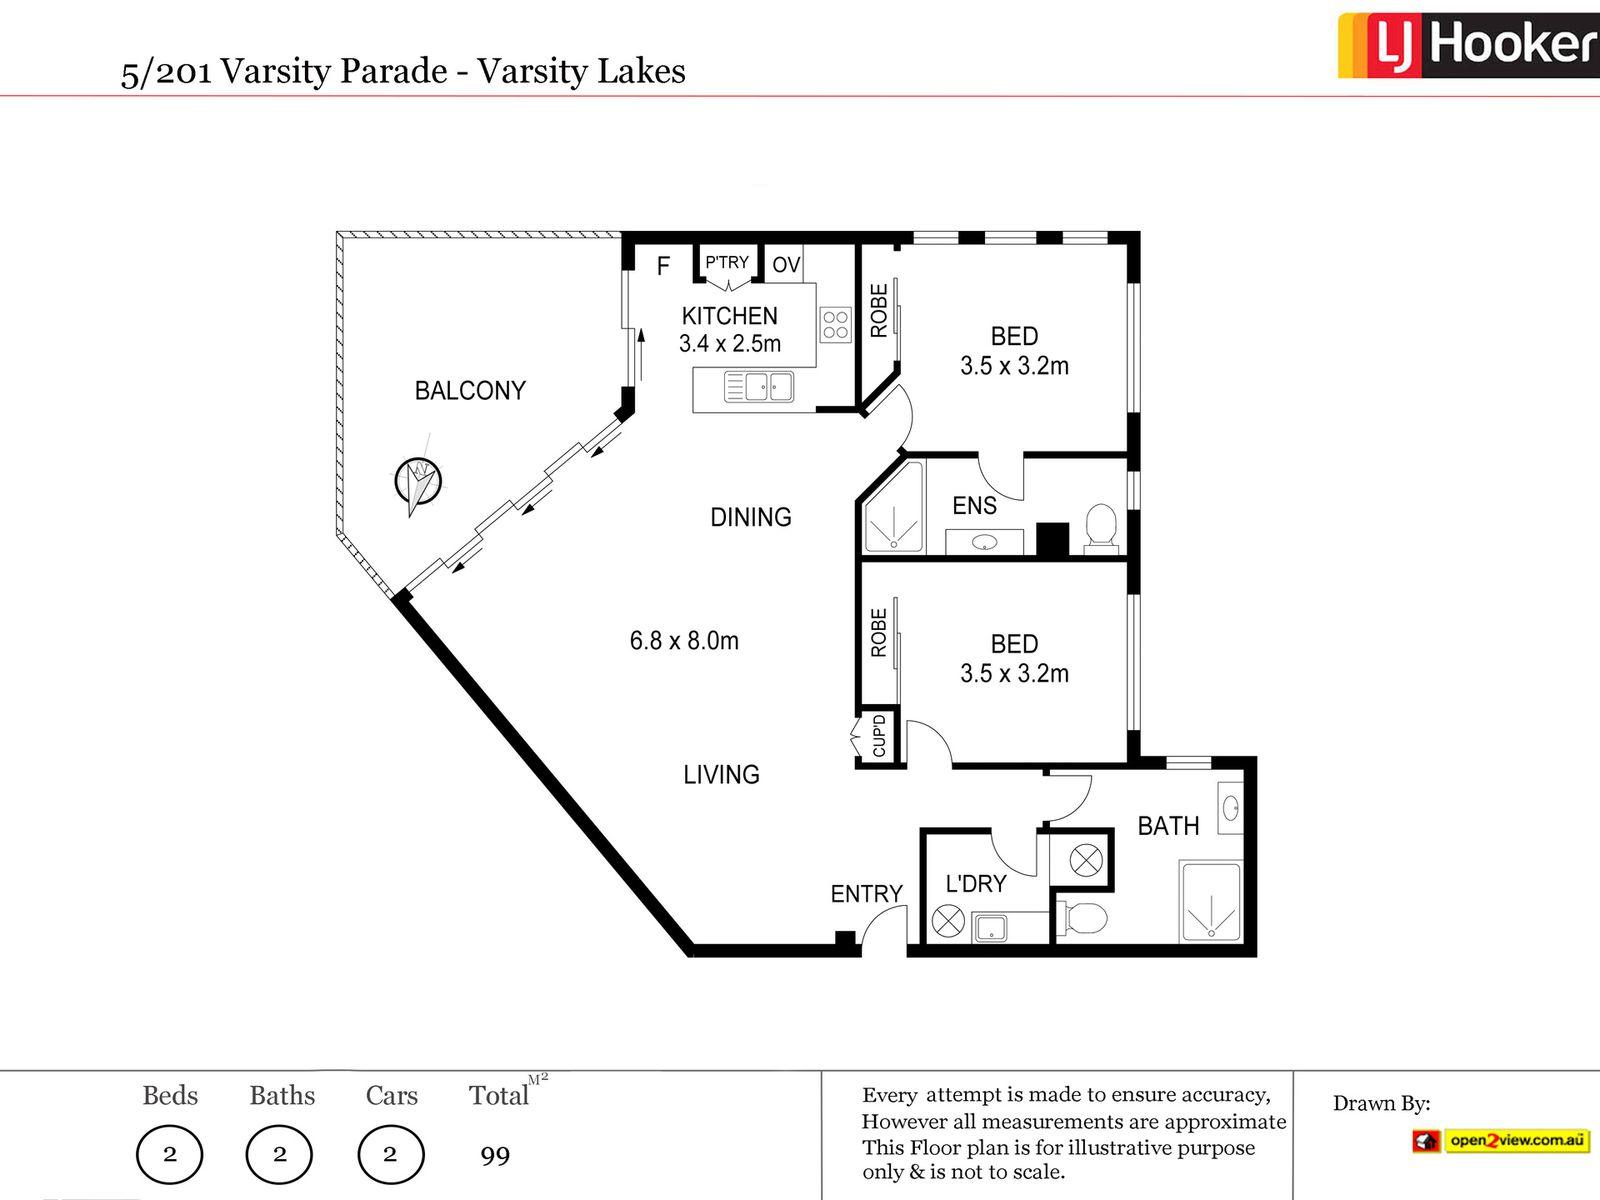 201 VARSITY PARADE, Varsity Lakes